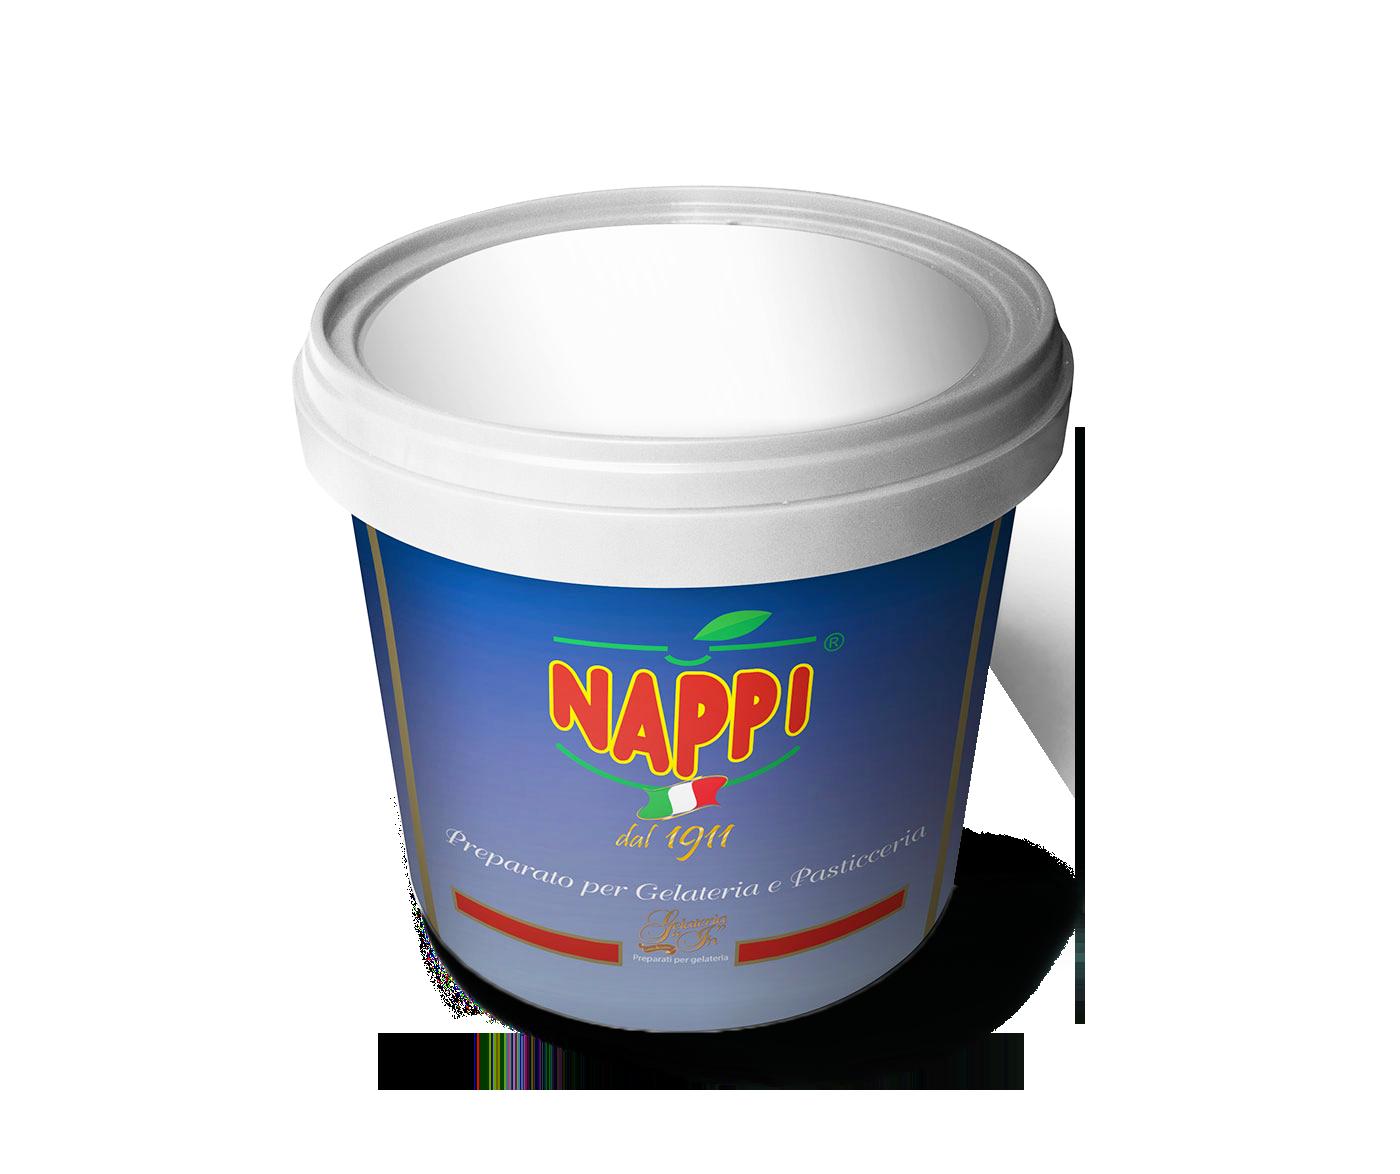 Nappi Tiramisu 3kg Pail